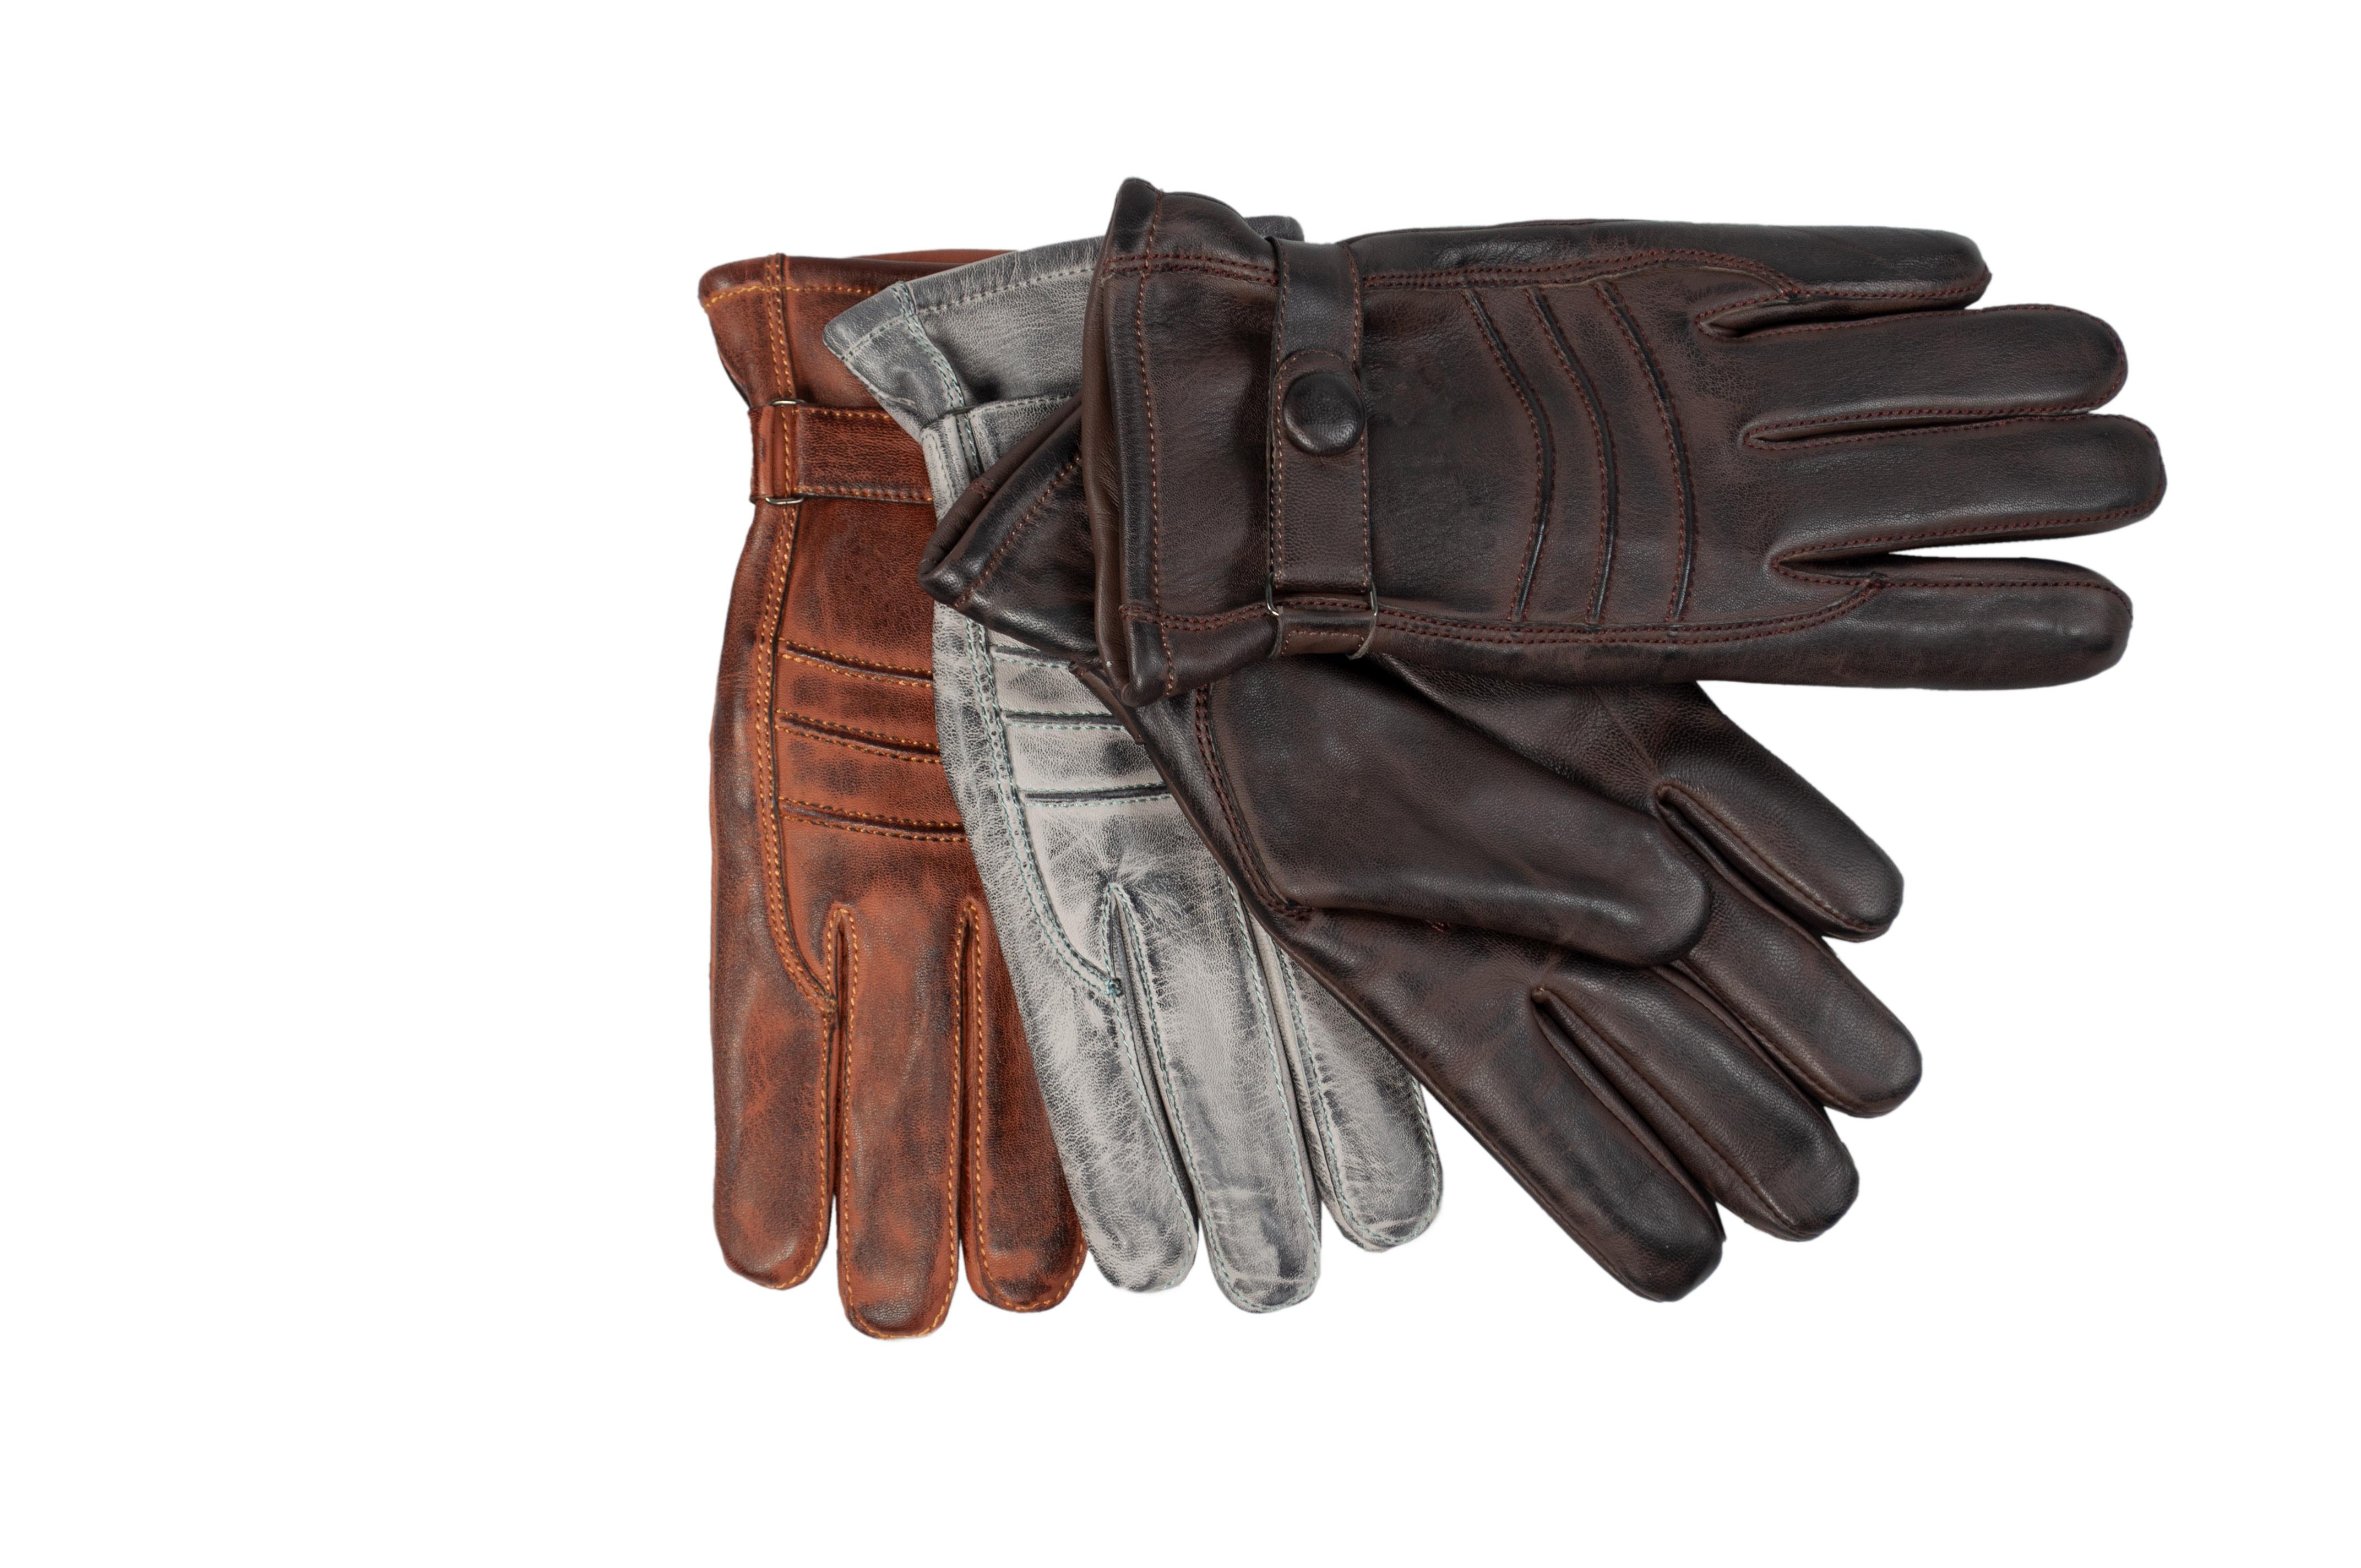 Balke Handschuh - Schaf-Leder